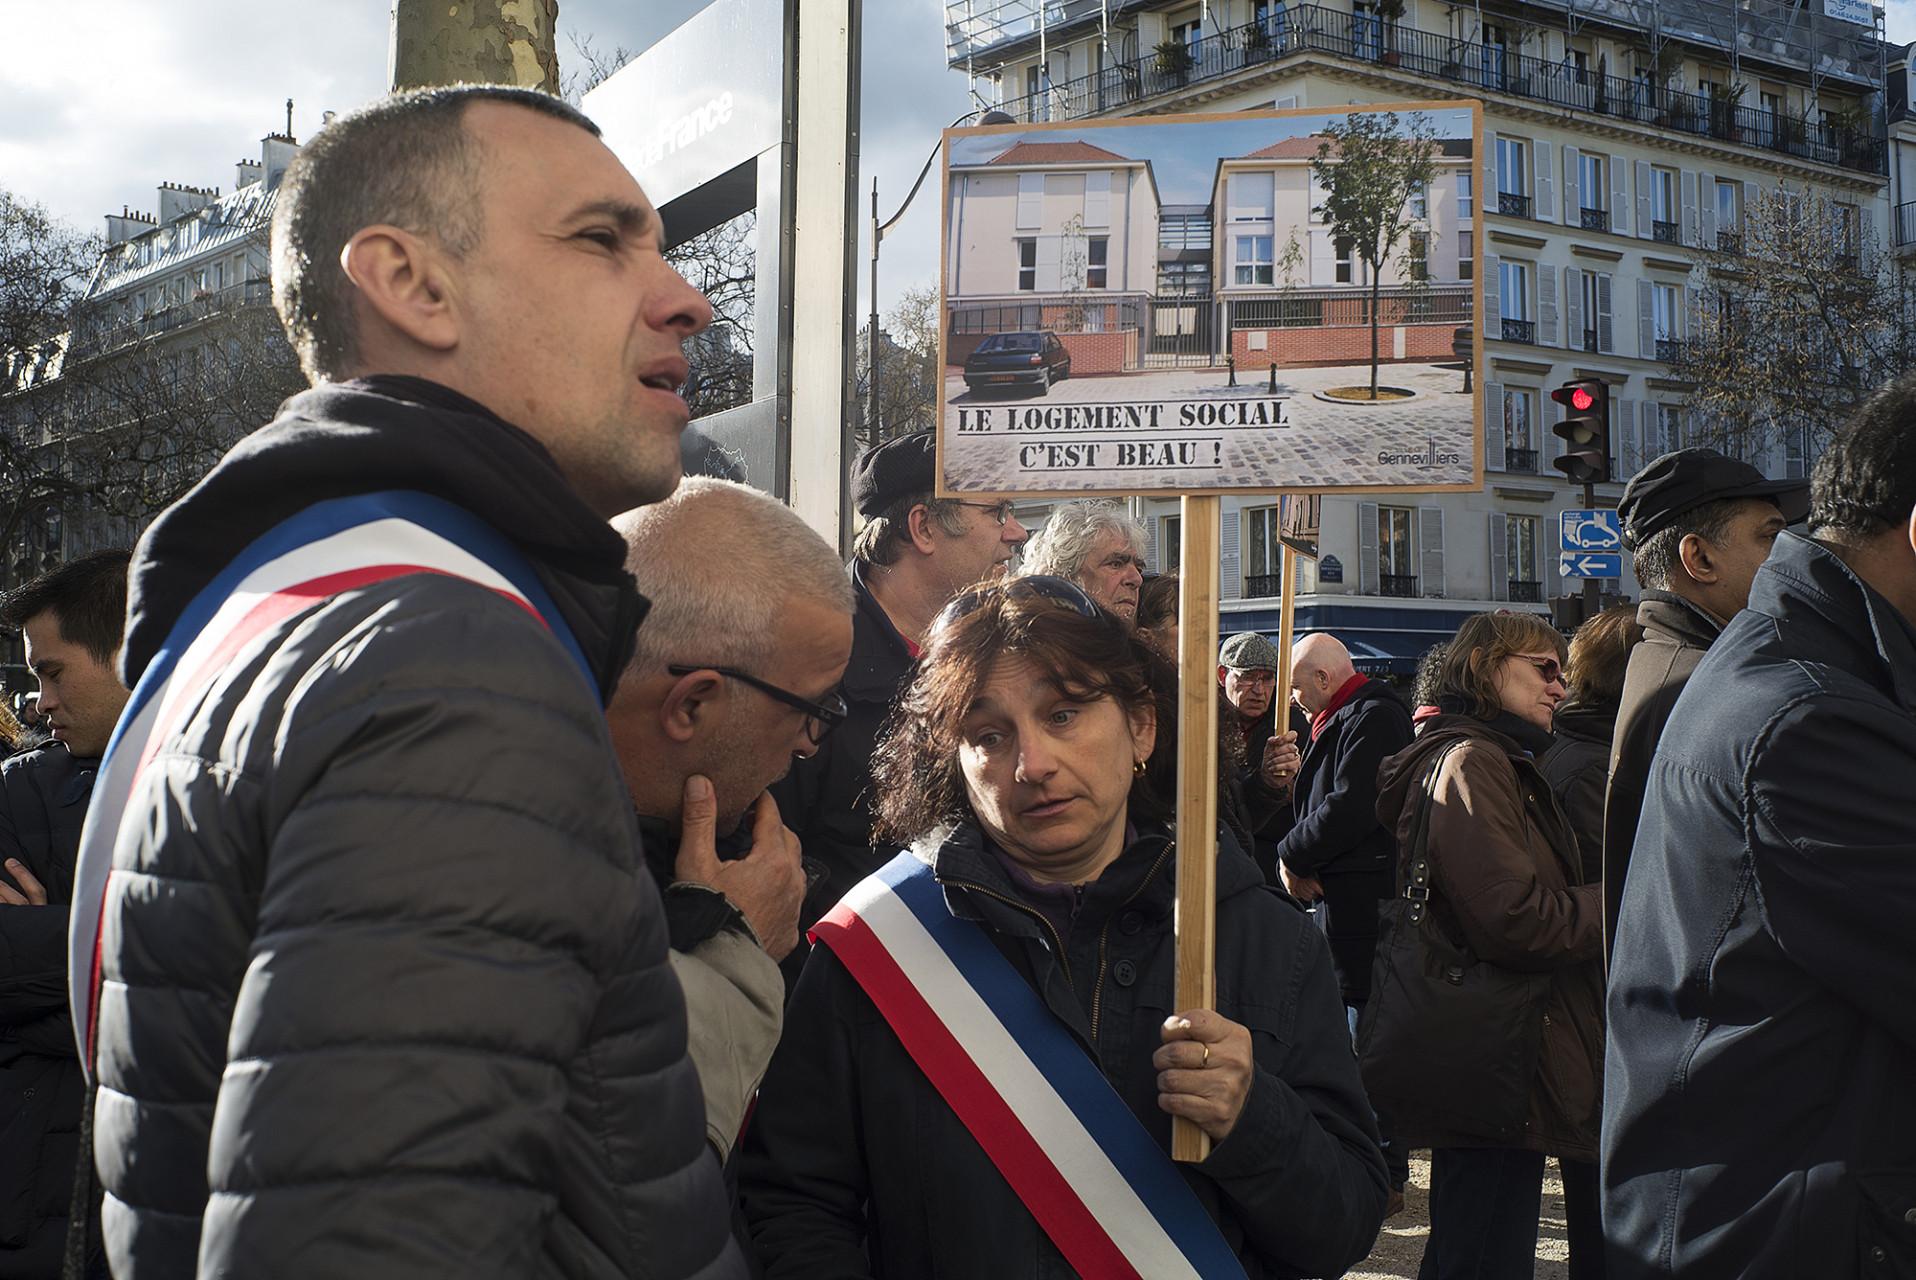 Manifestation pour le logement